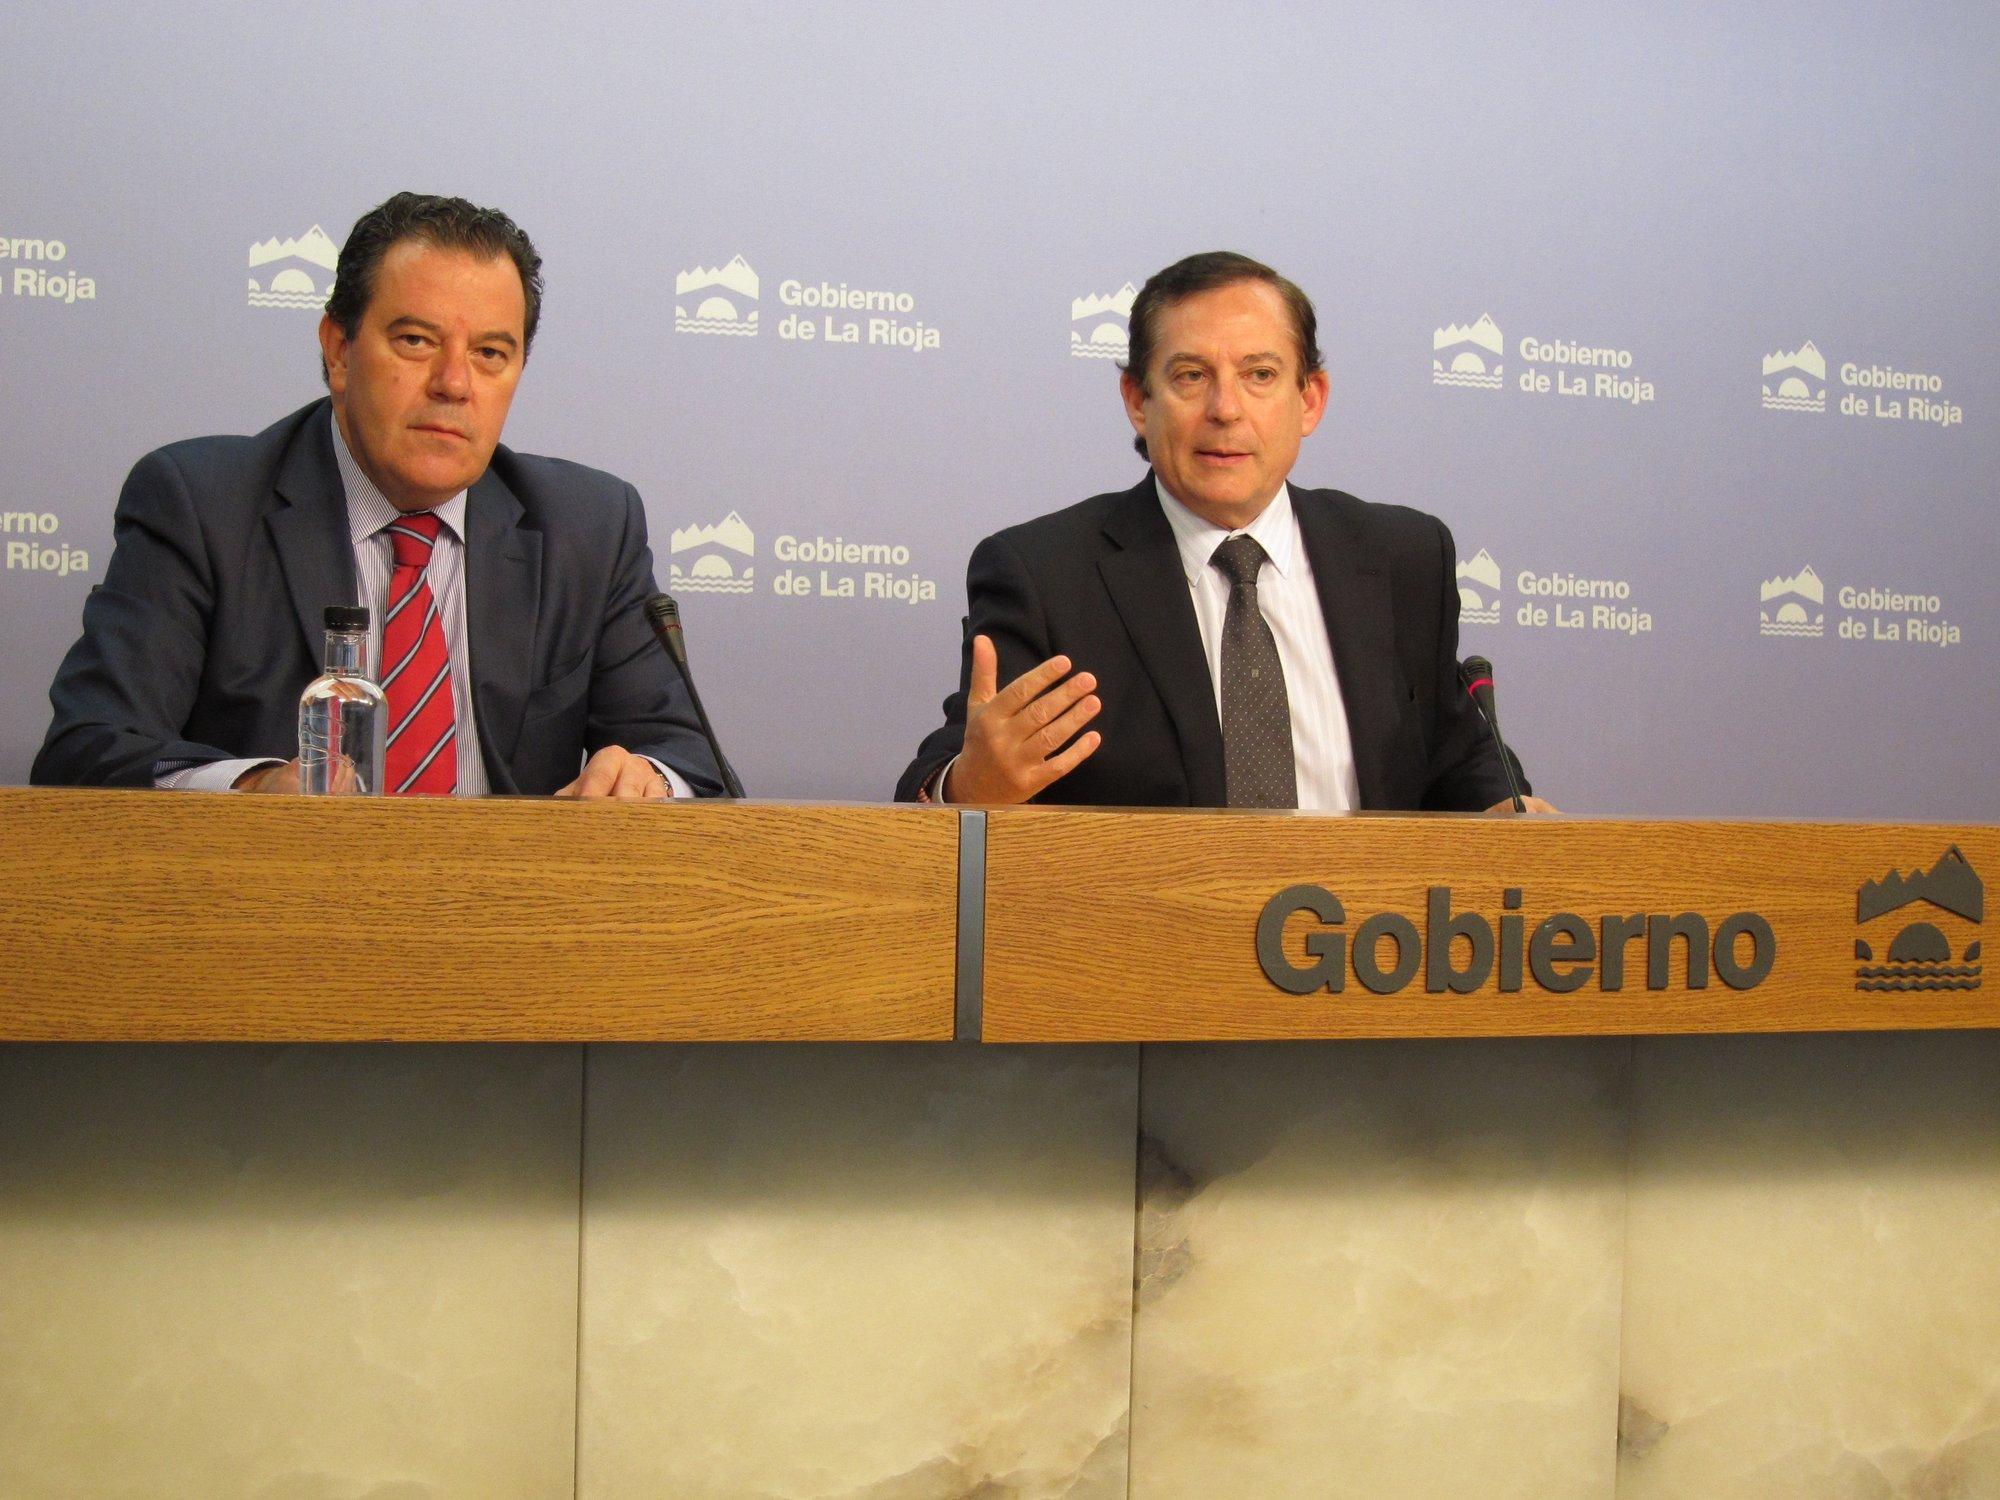 La ADER pone en marcha un Plan de Capacitación Integral en Internacionalización para ayudar a exportas a las empresas